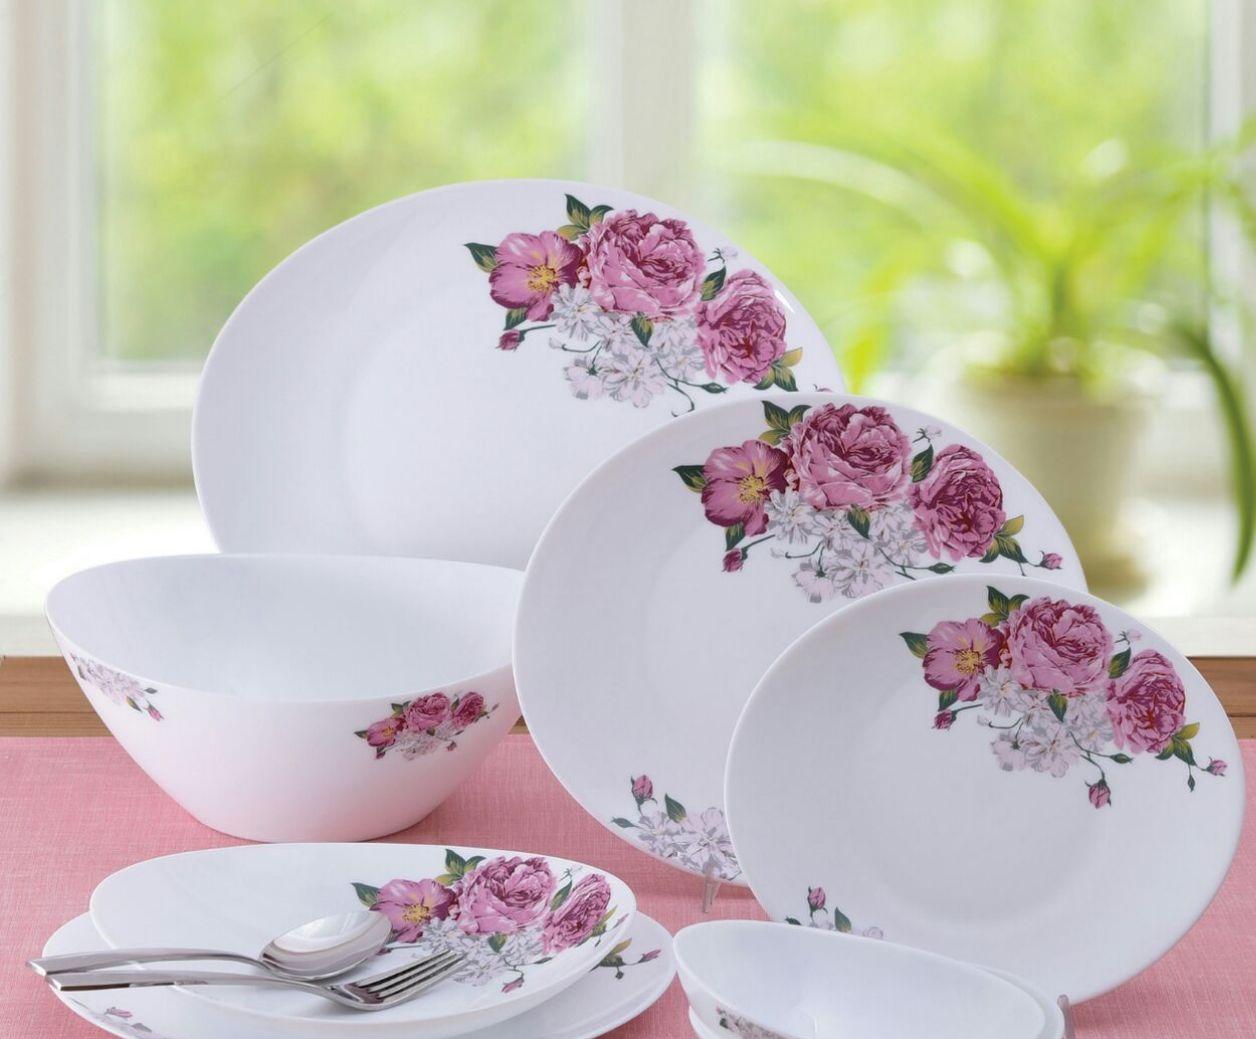 نکات مهم در استفاده از ظروف آرکوپال